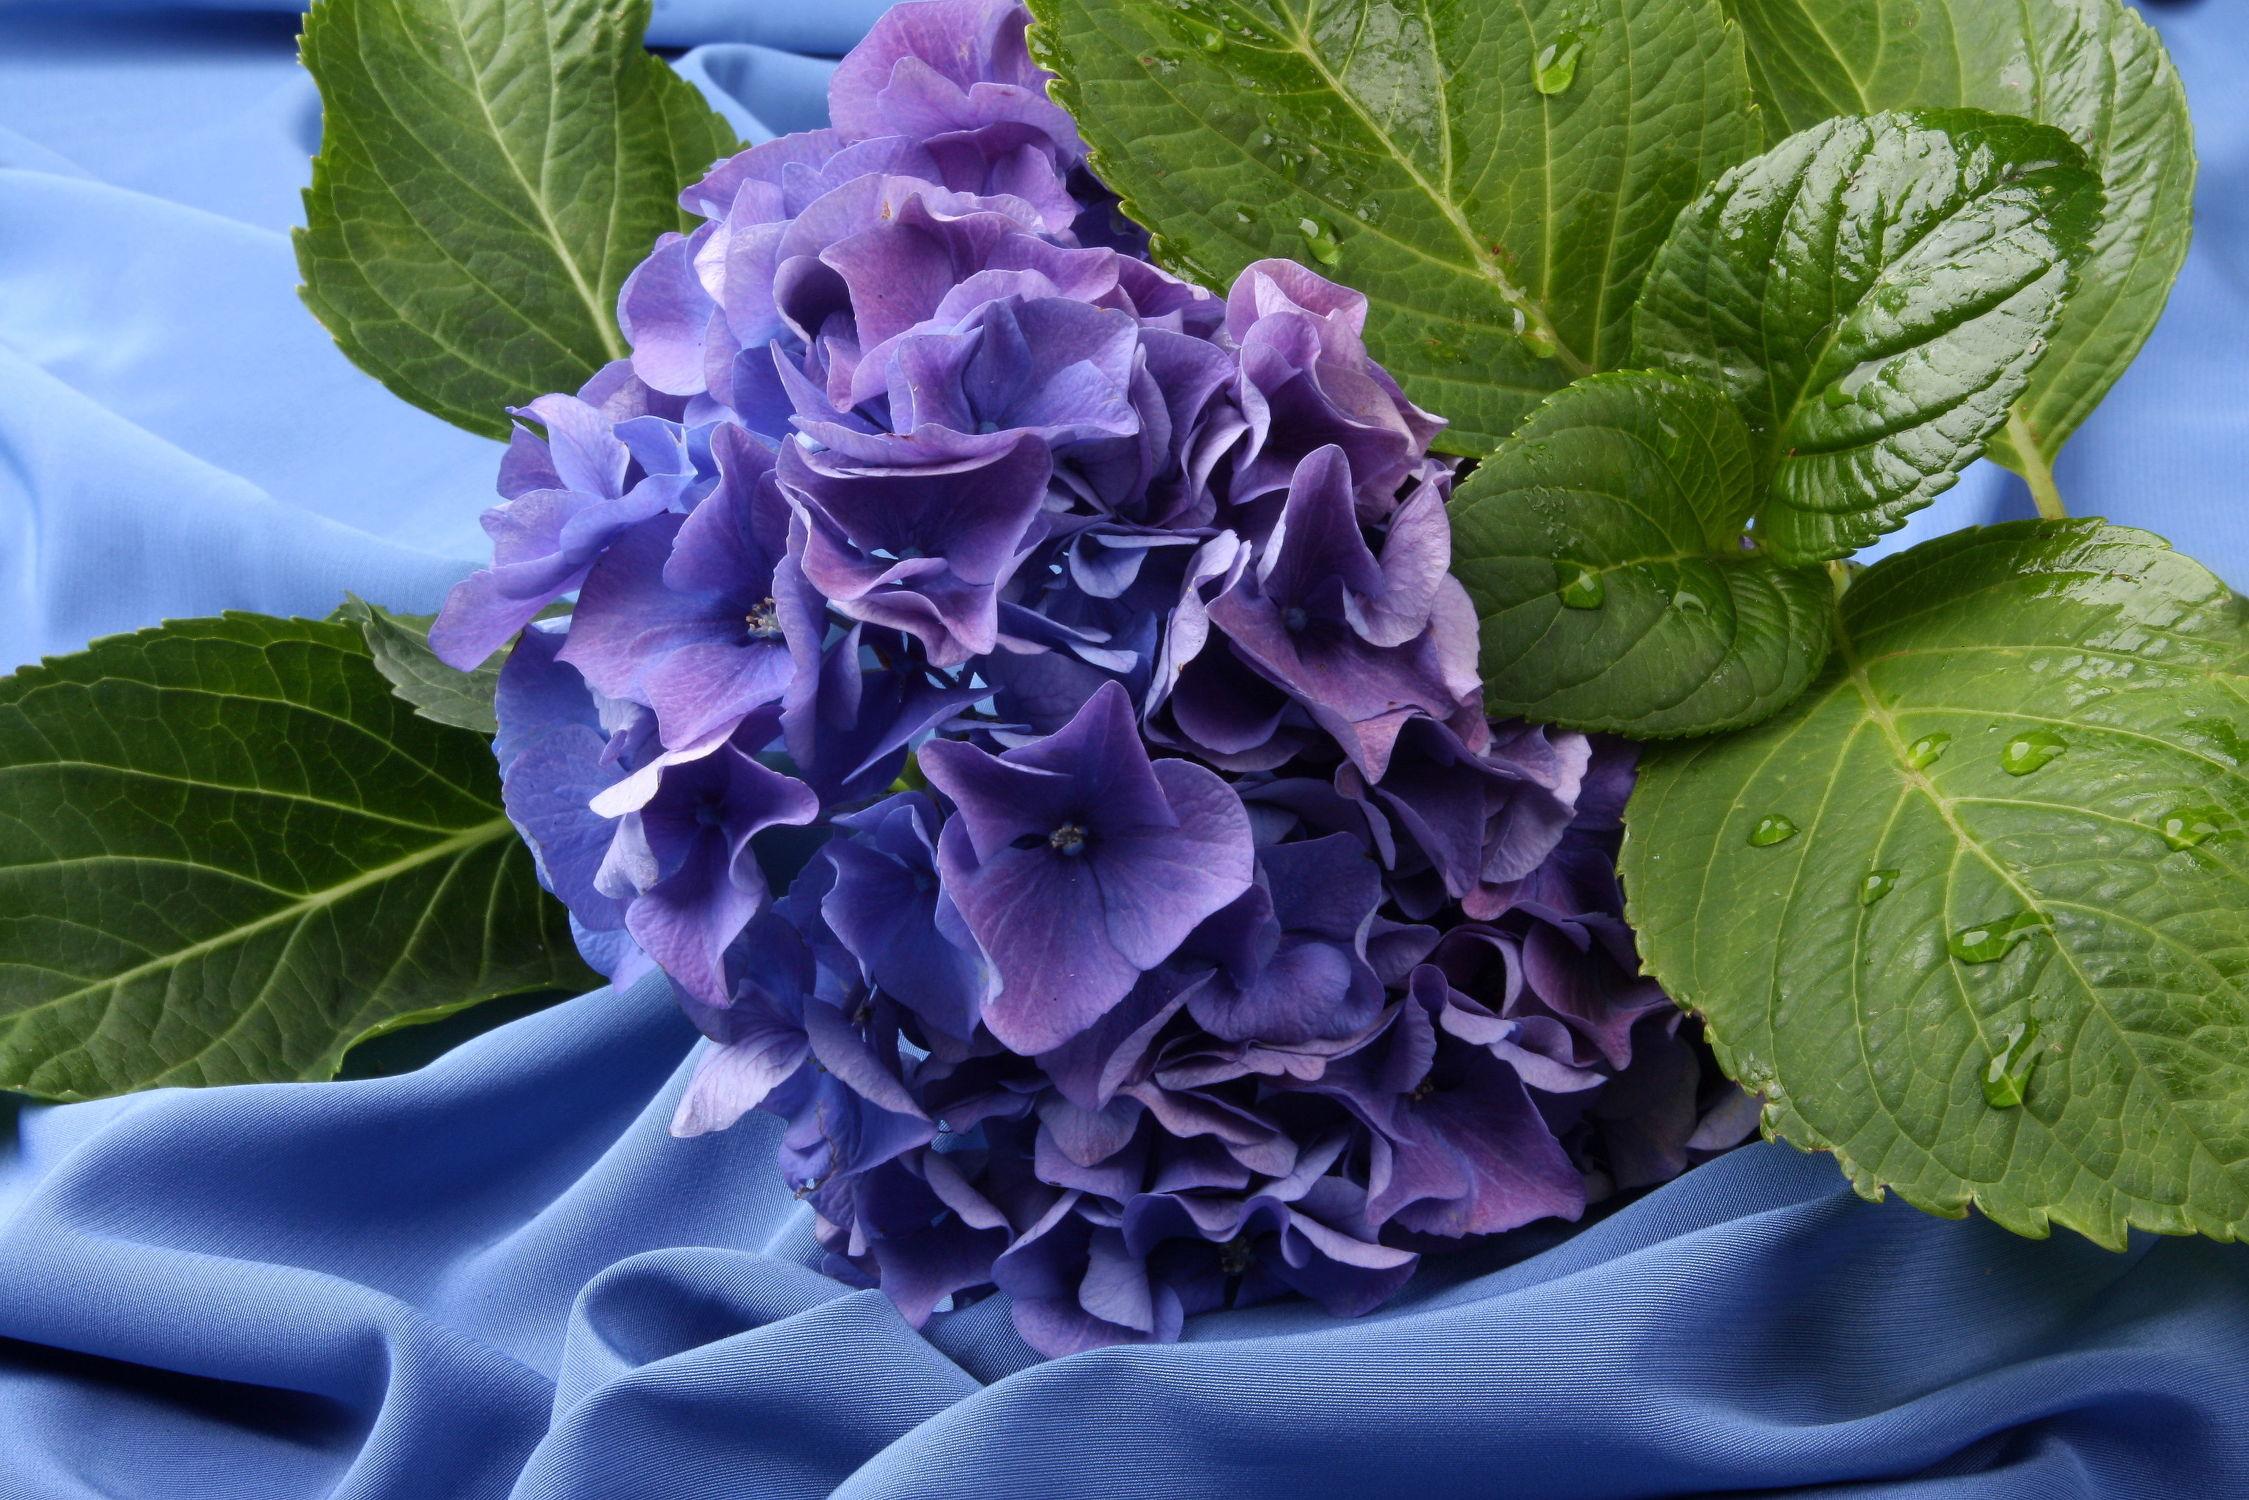 Bild mit Natur, Pflanzen, Blumen, Lila, Blätter, Blume, Pflanze, Blatt, Floral, hortensien, Stilleben, Blüten, Florales, blüte, Hortensie